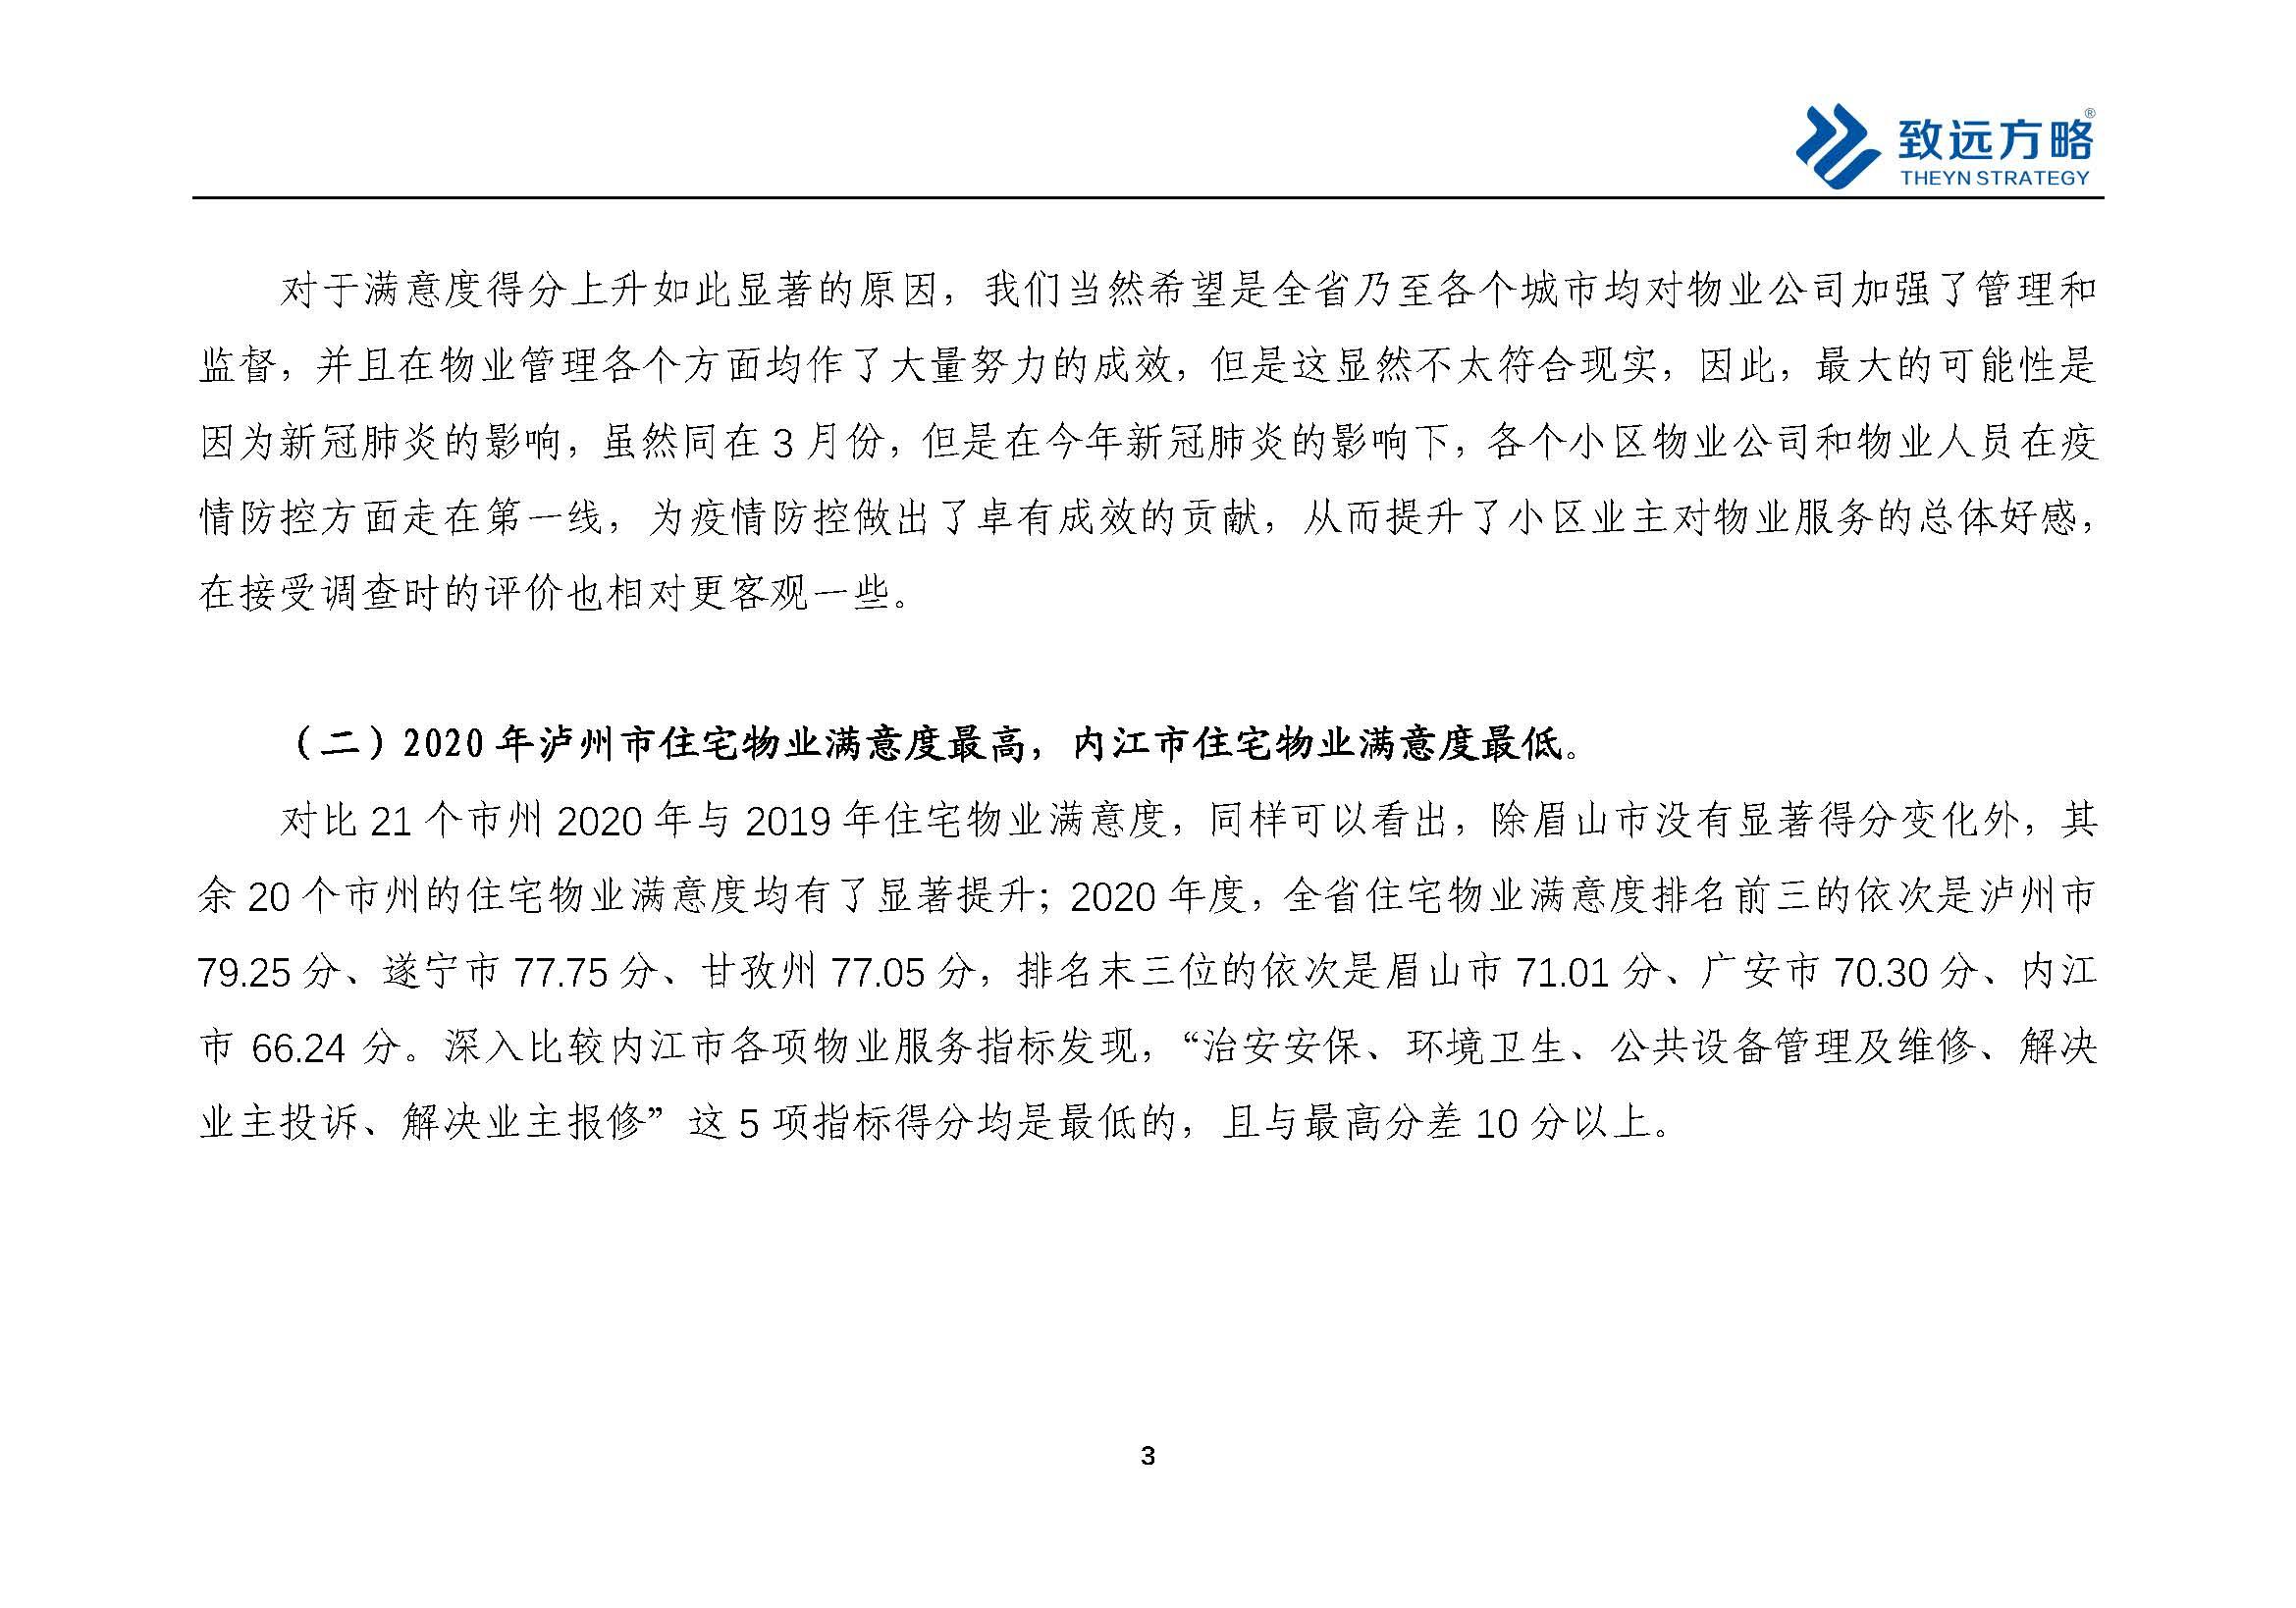 新建文件夹-2020疫情期间四川物业满意度暨物业满意度指数跟踪调查报告_页面_4